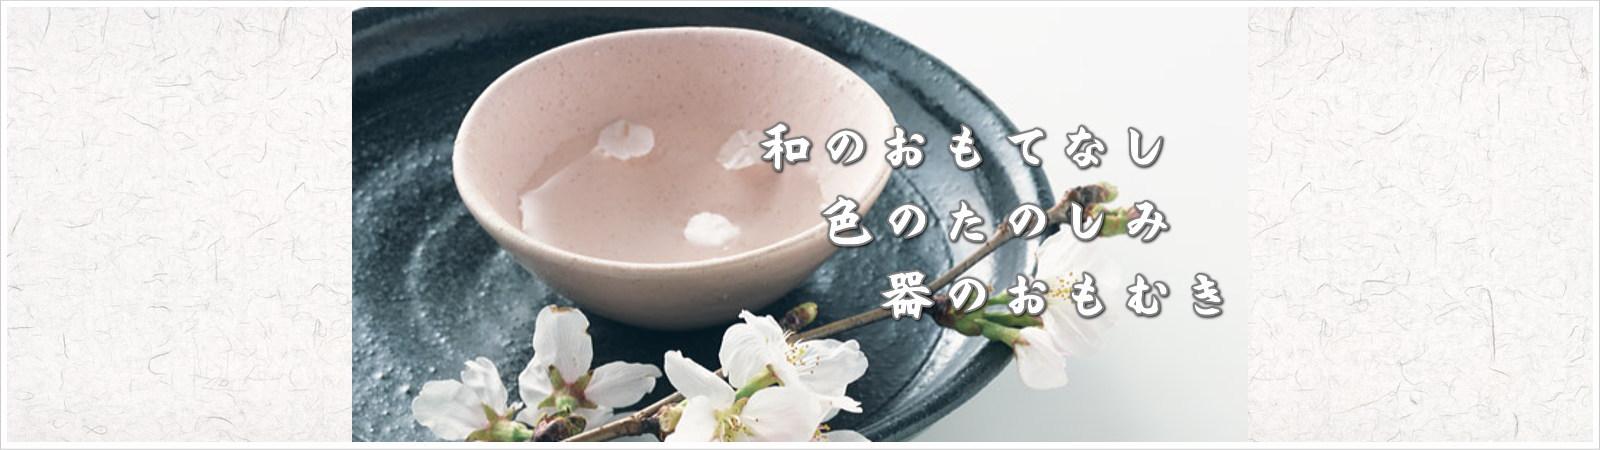 株式会社東希|岐阜県土岐市 業務用、家庭用食器販売 東希 織部取扱中、ショールームあり